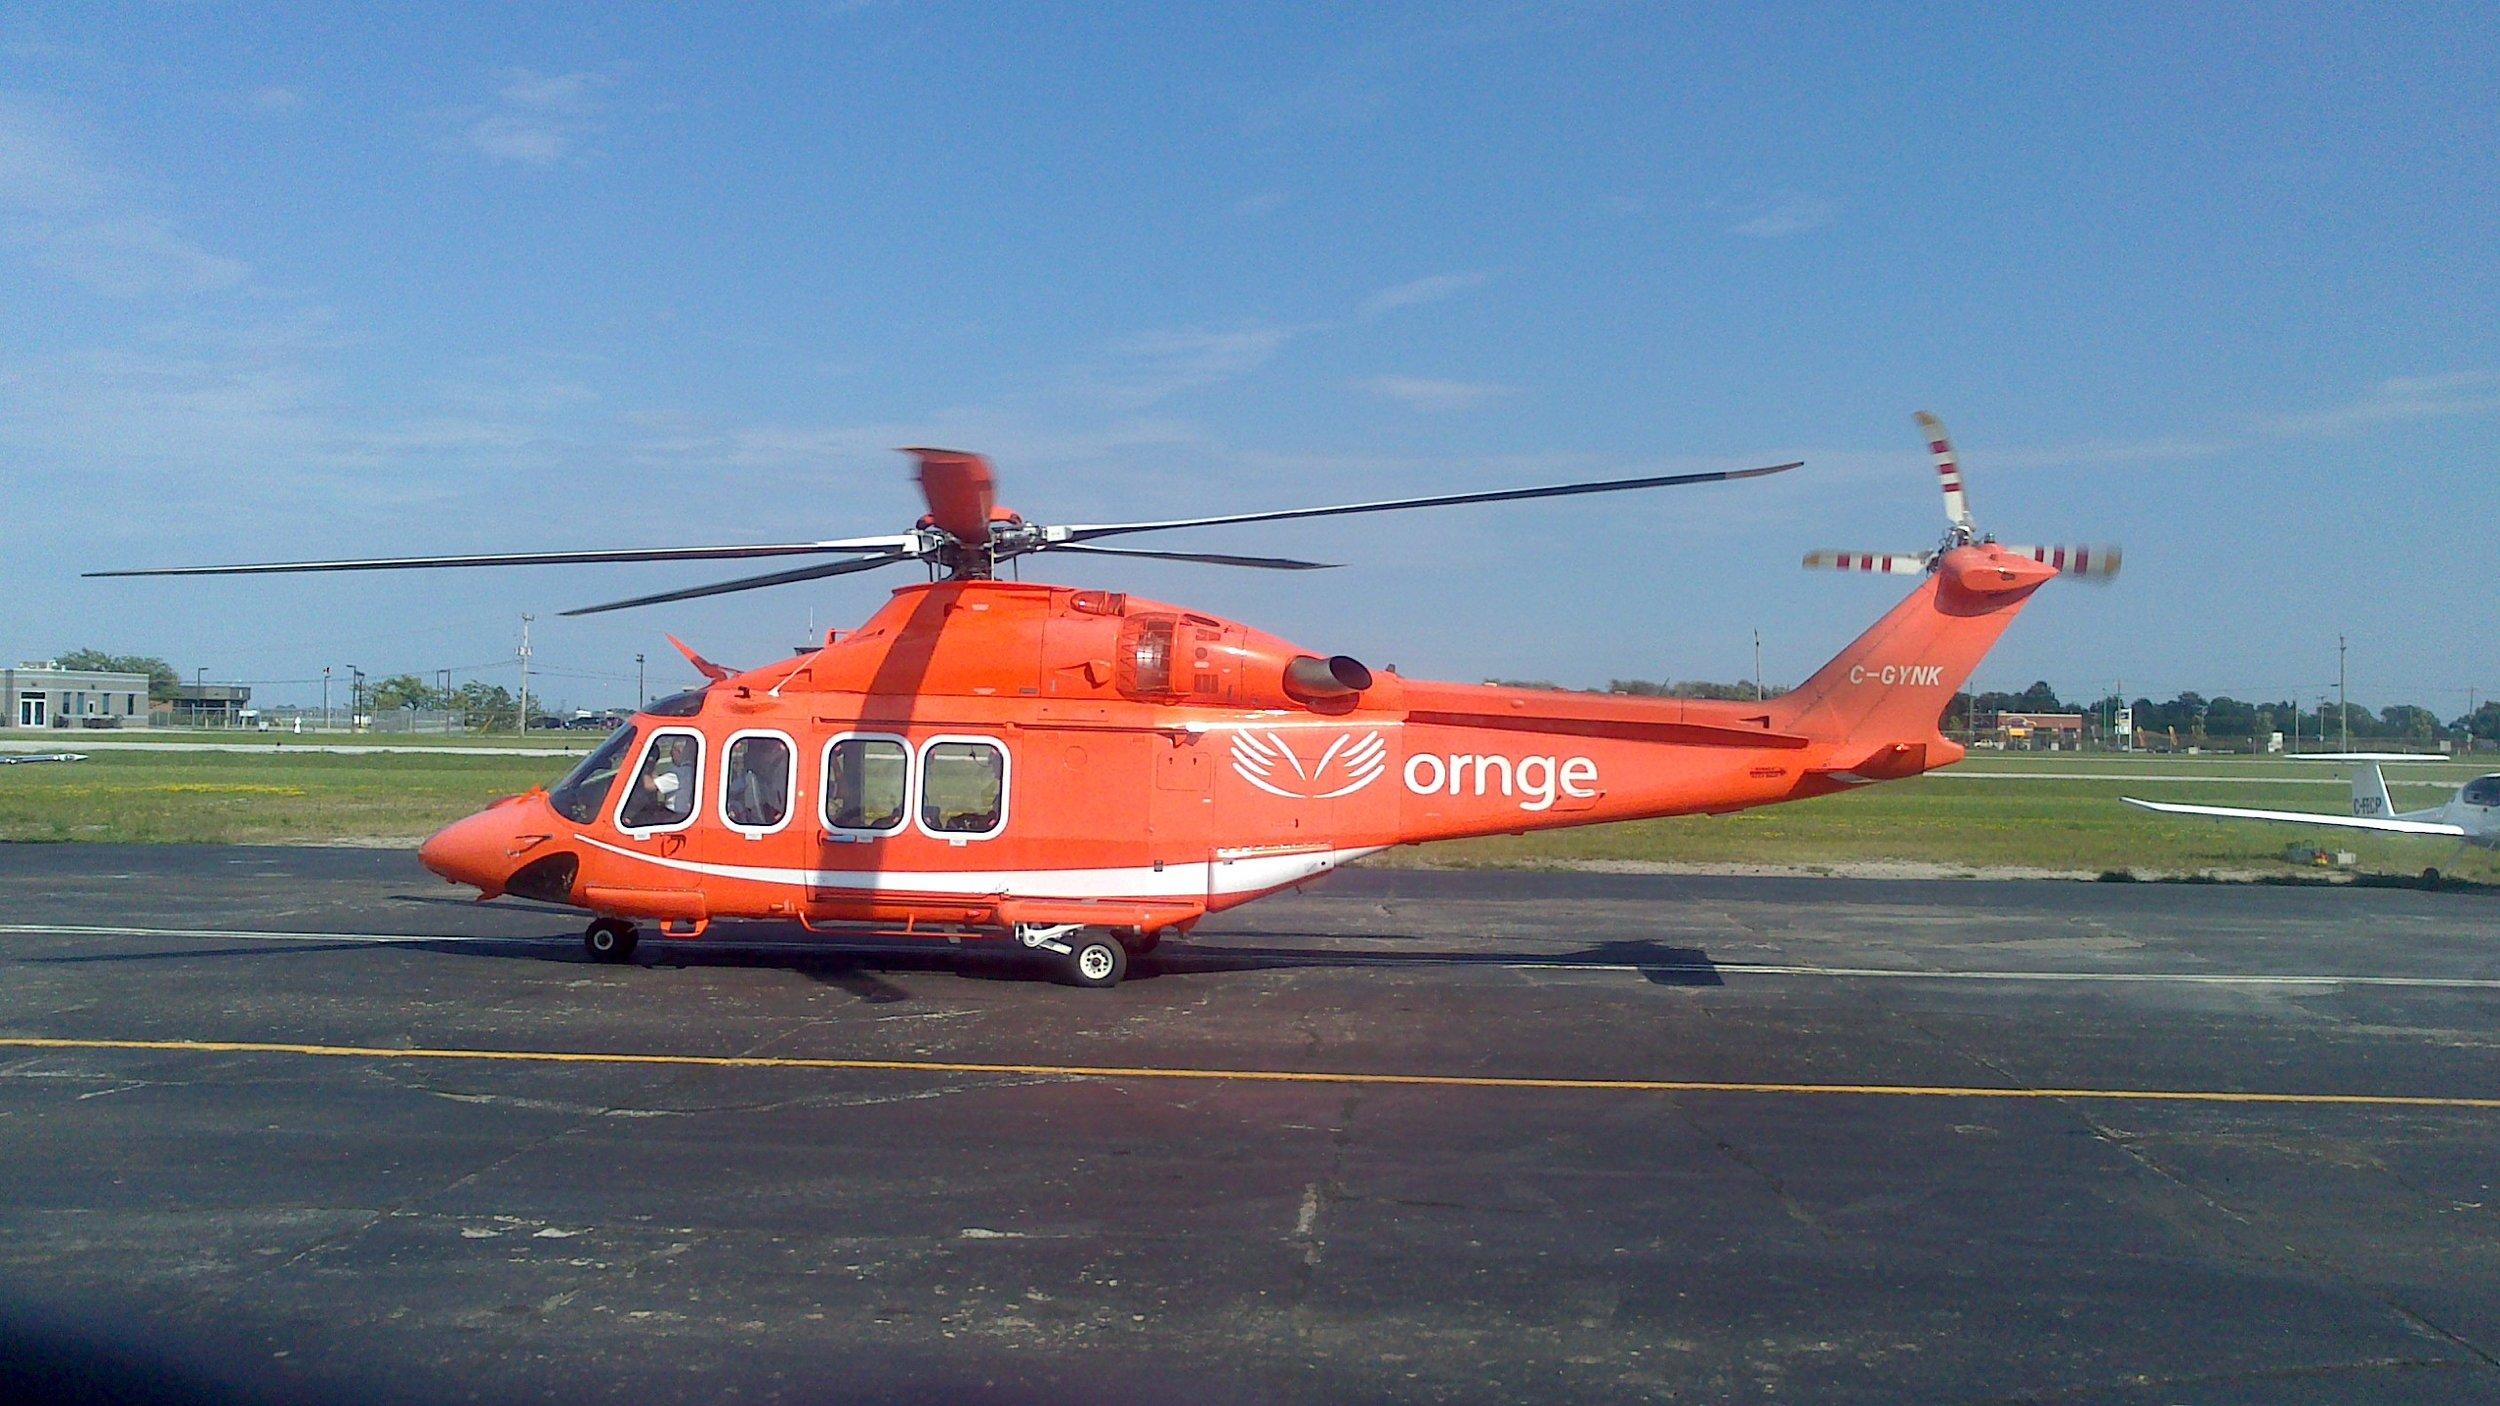 ornge's Air Ambulance